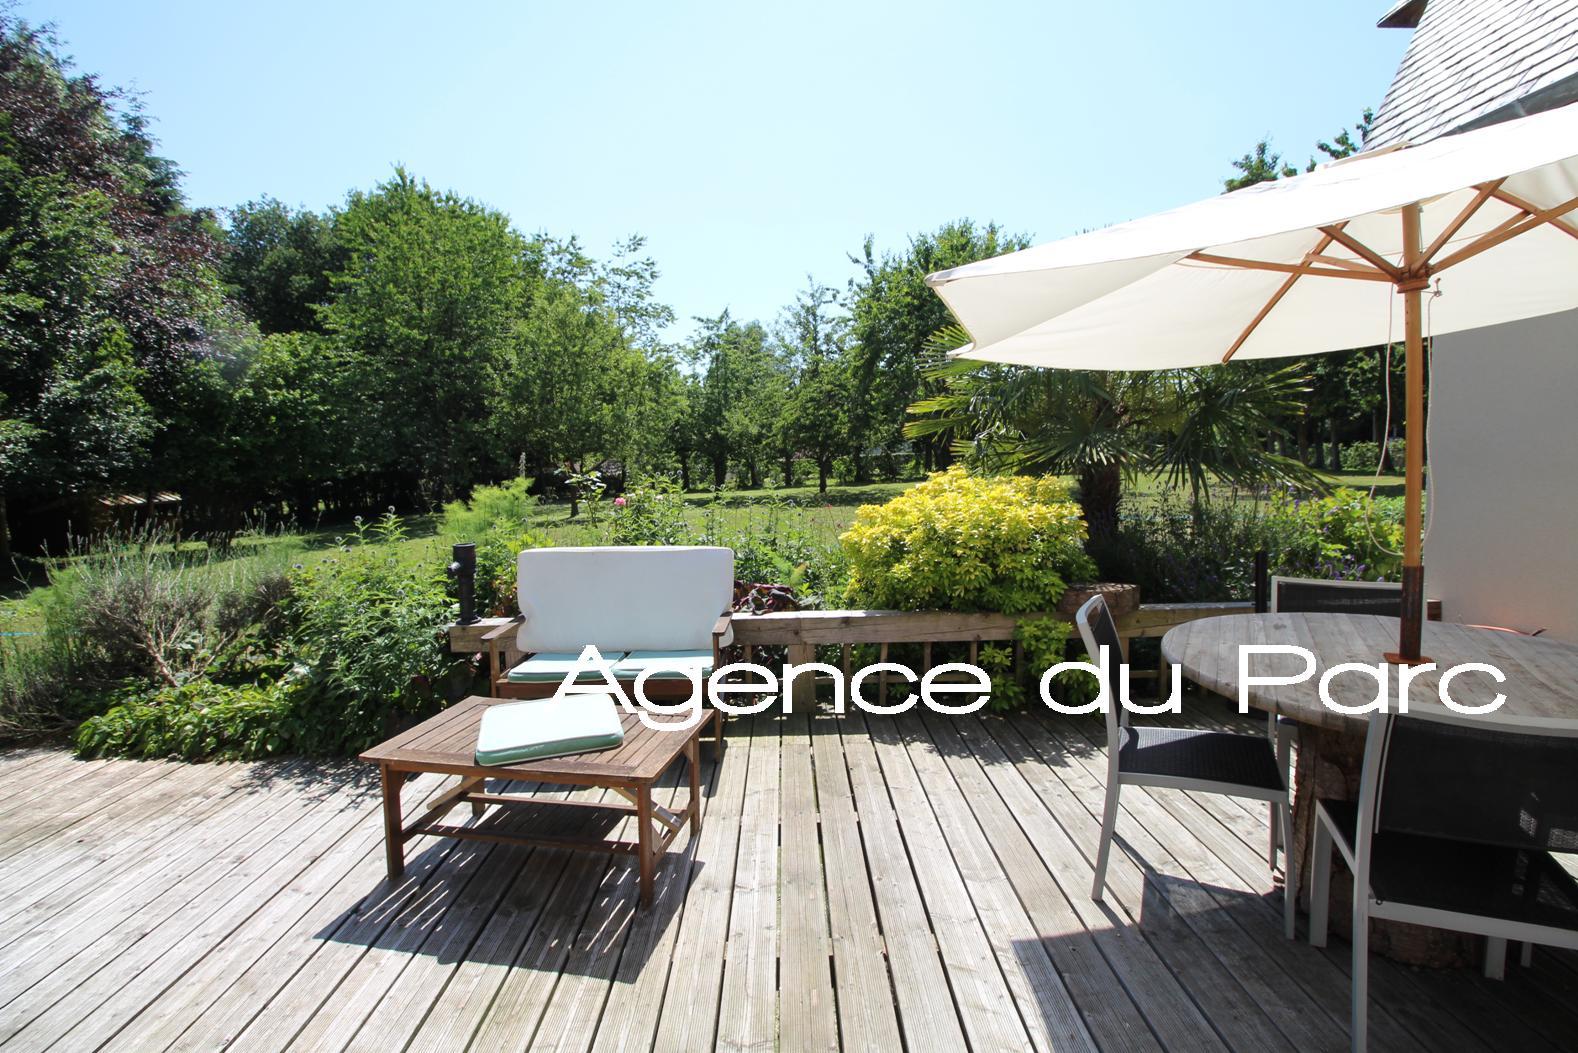 Acheter vente d 39 une maison contemporaine aux beaux volumes for Acheter une maison par agence immobiliere